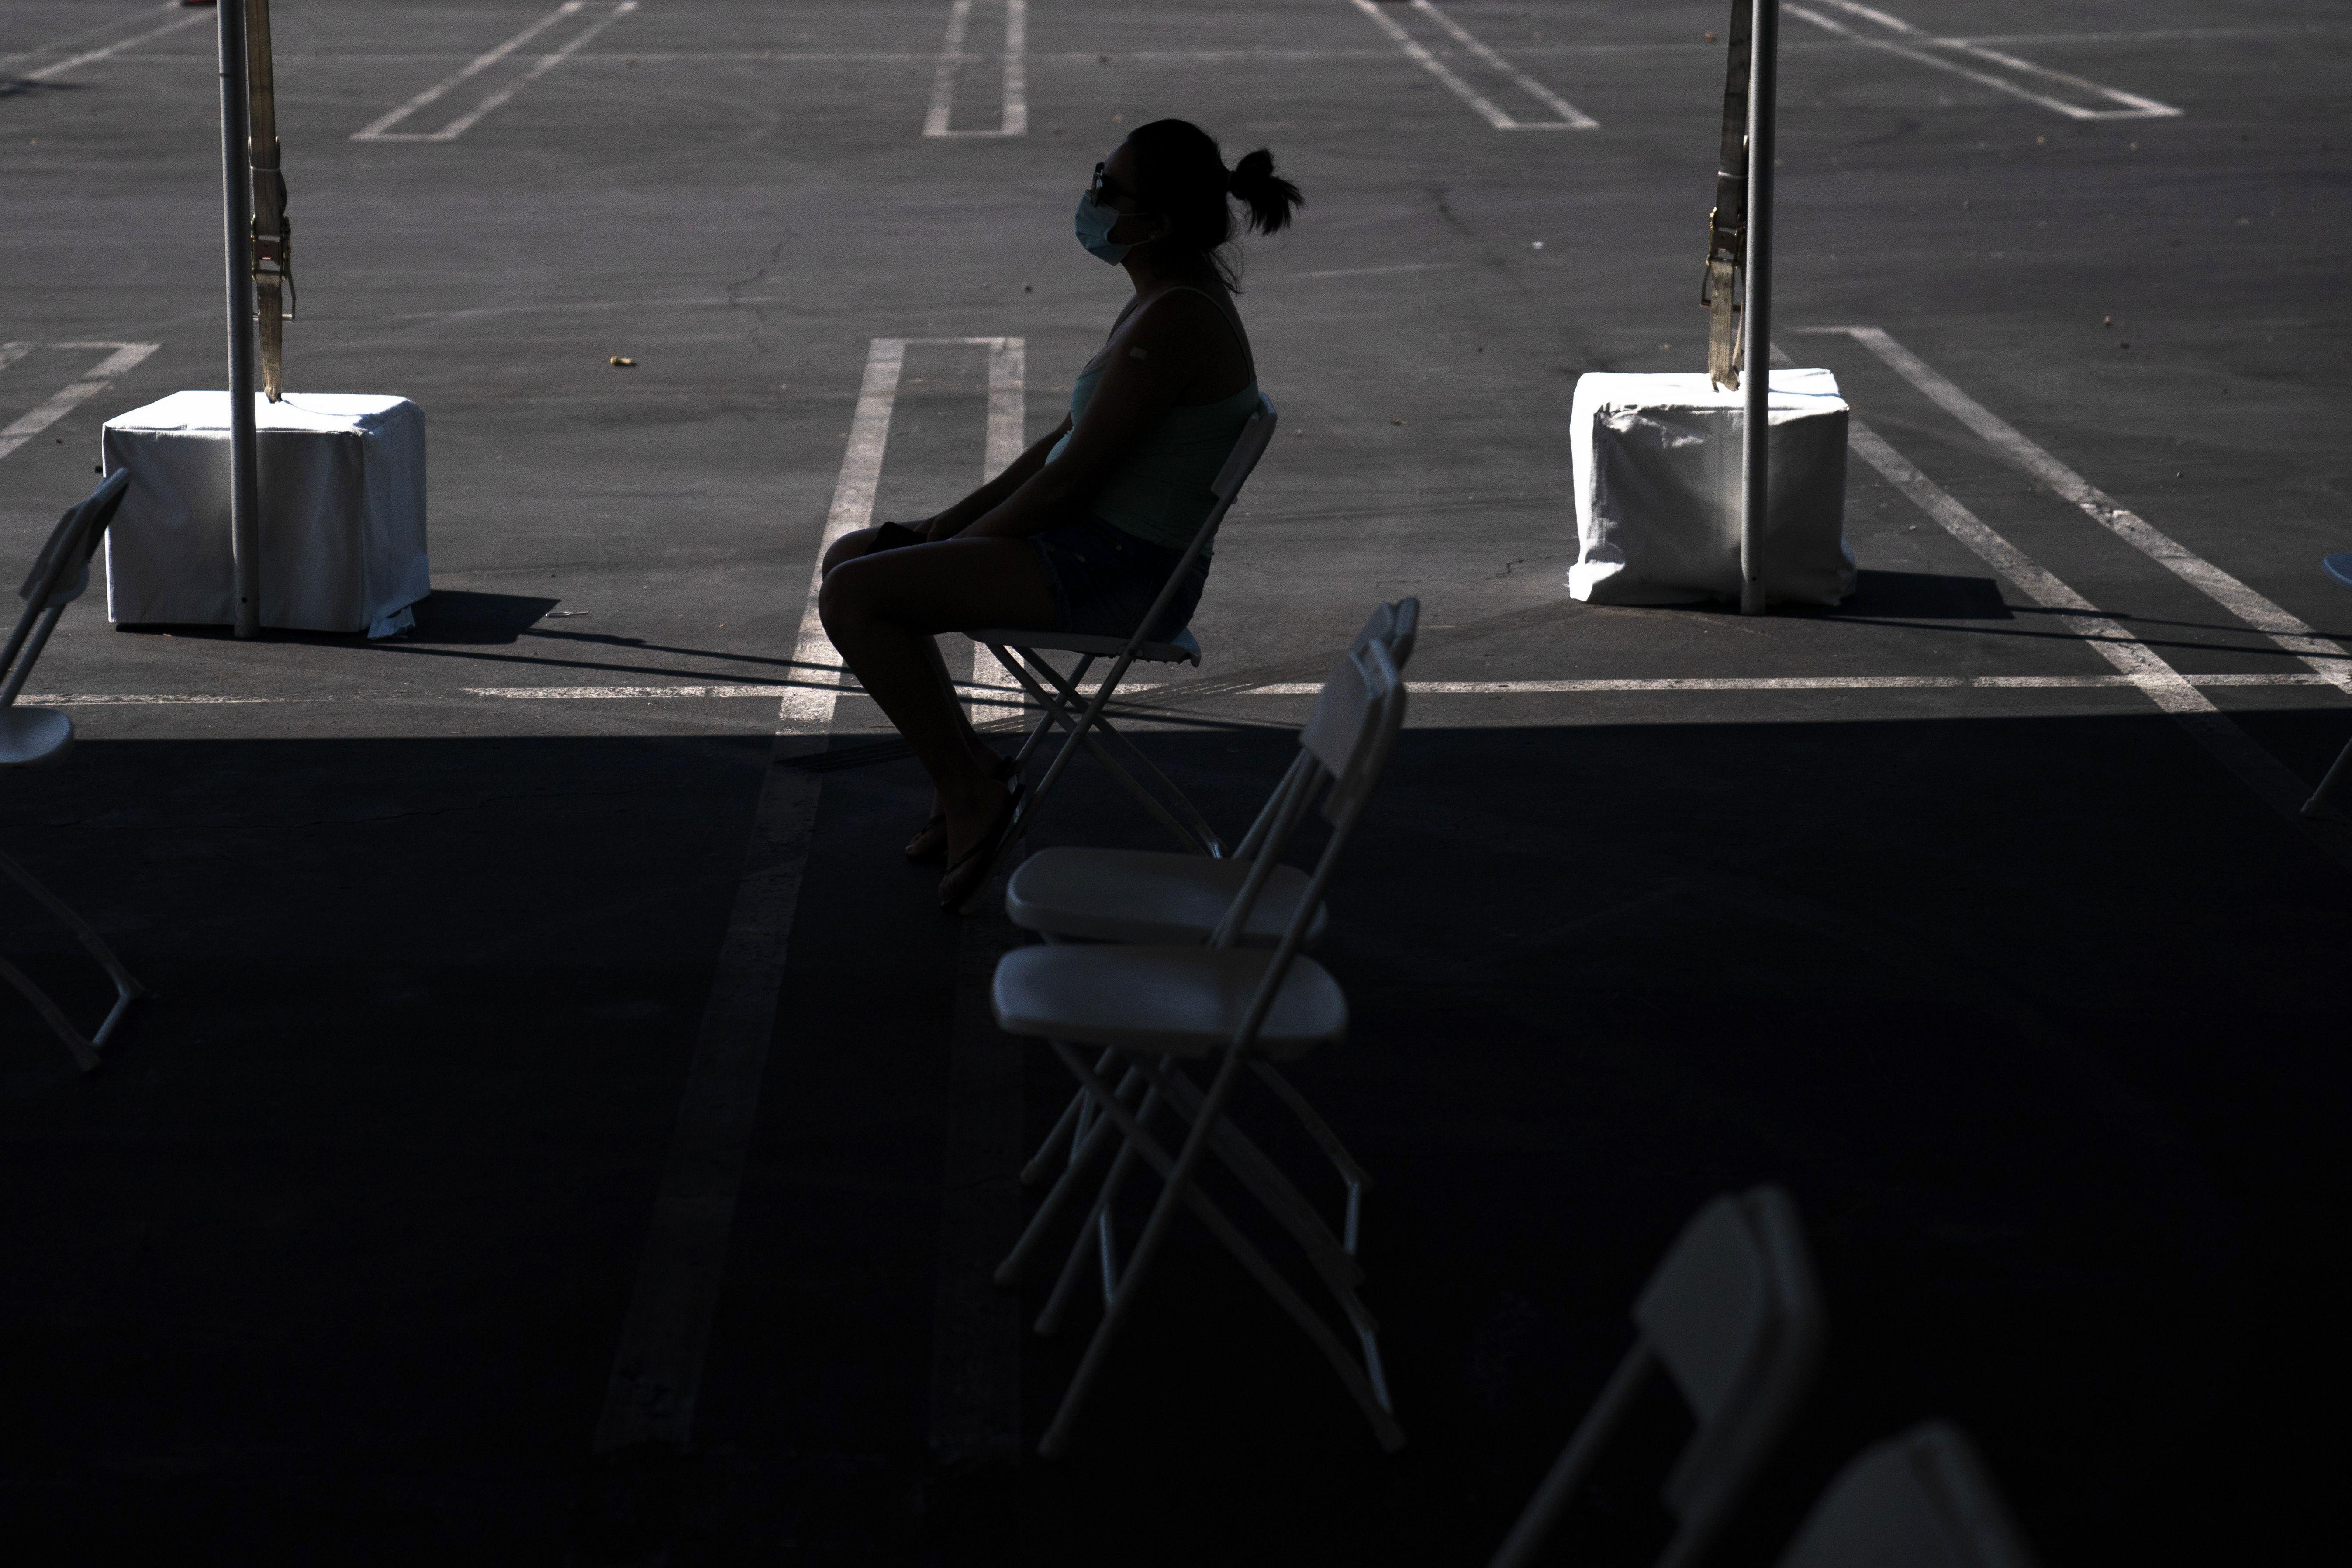 california registra la menor tasa de contagios en eeuu